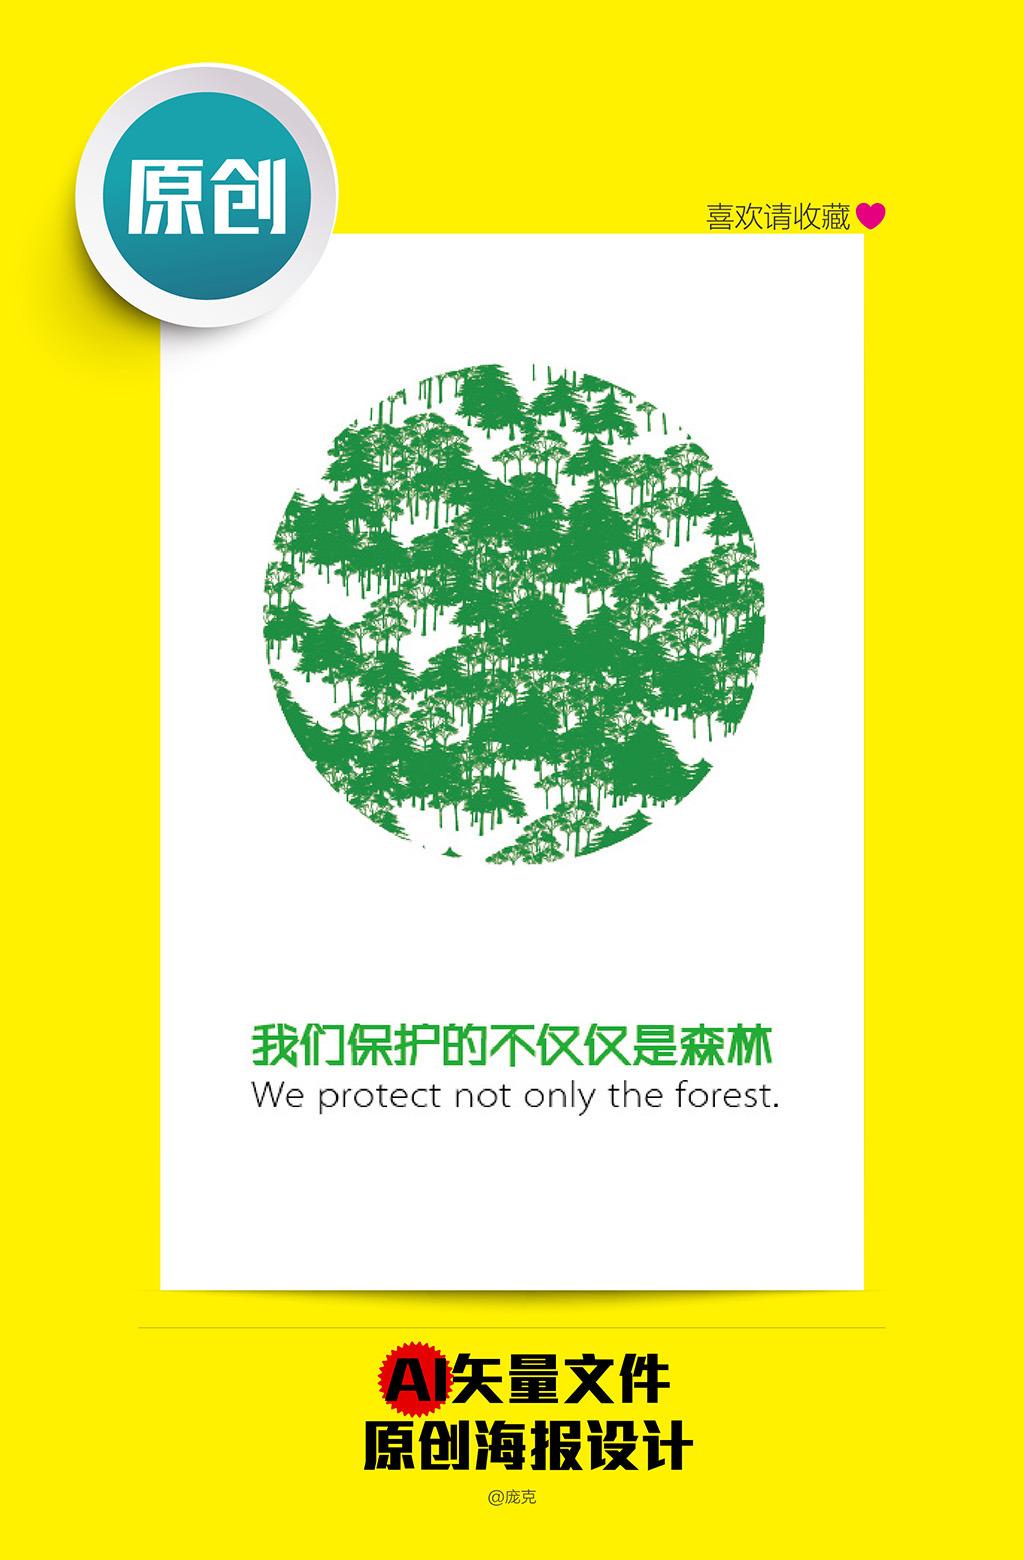 节约用水公益广告 海报设计